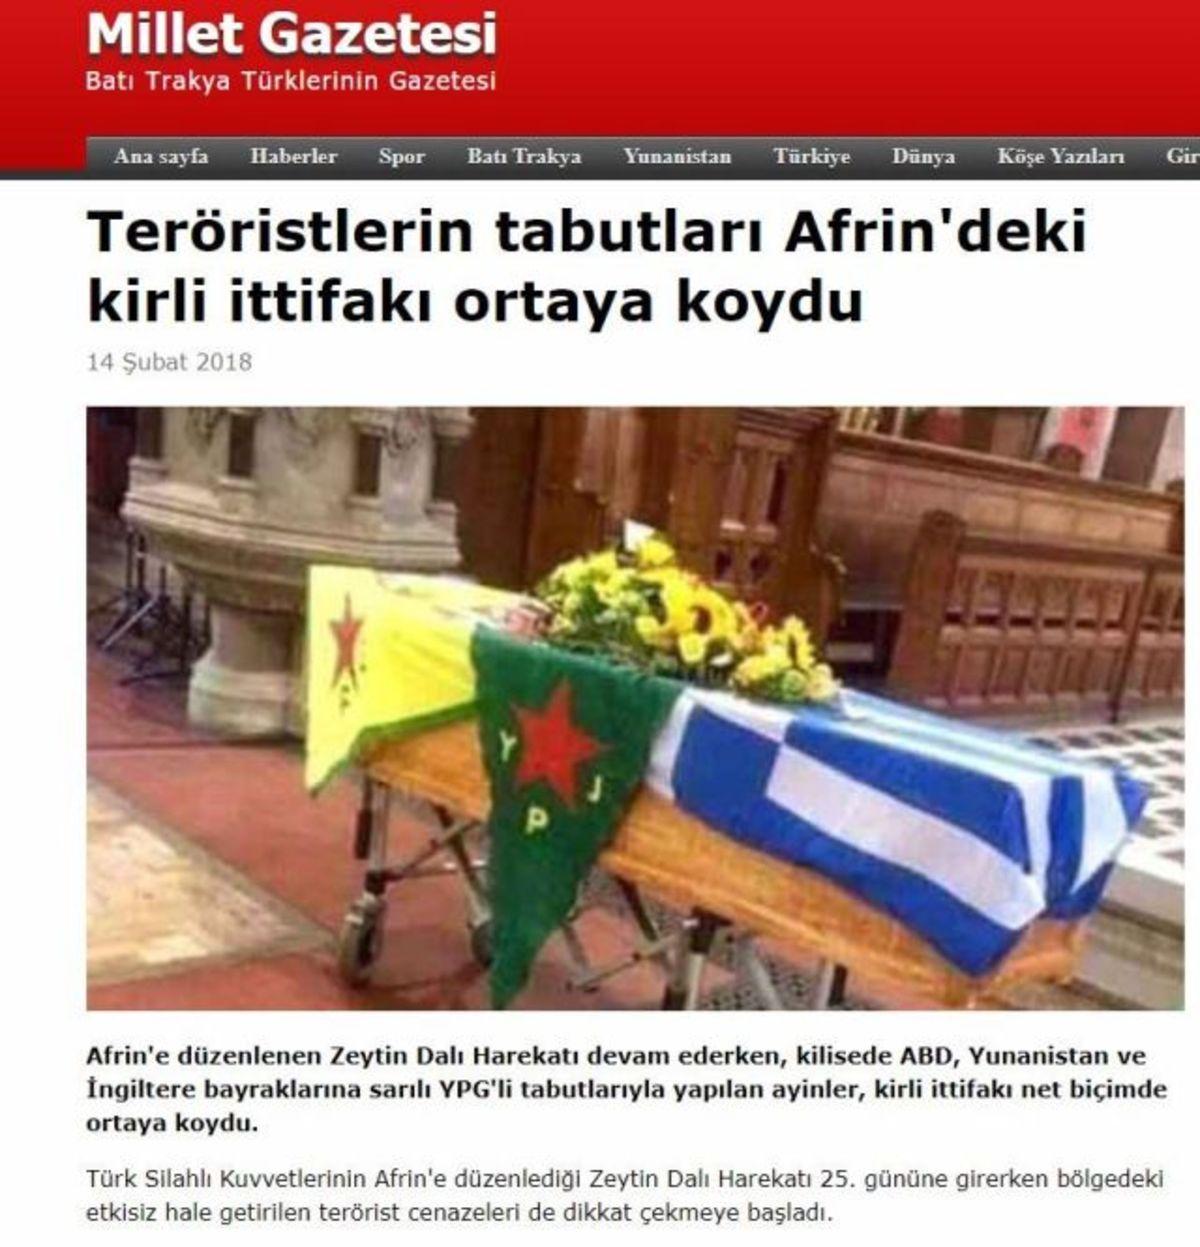 Απίστευτη πρόκληση από μουσουλμάνους της Θράκης! «Η Ελλάδα πολεμά μαζί με τρομοκράτες» | Newsit.gr